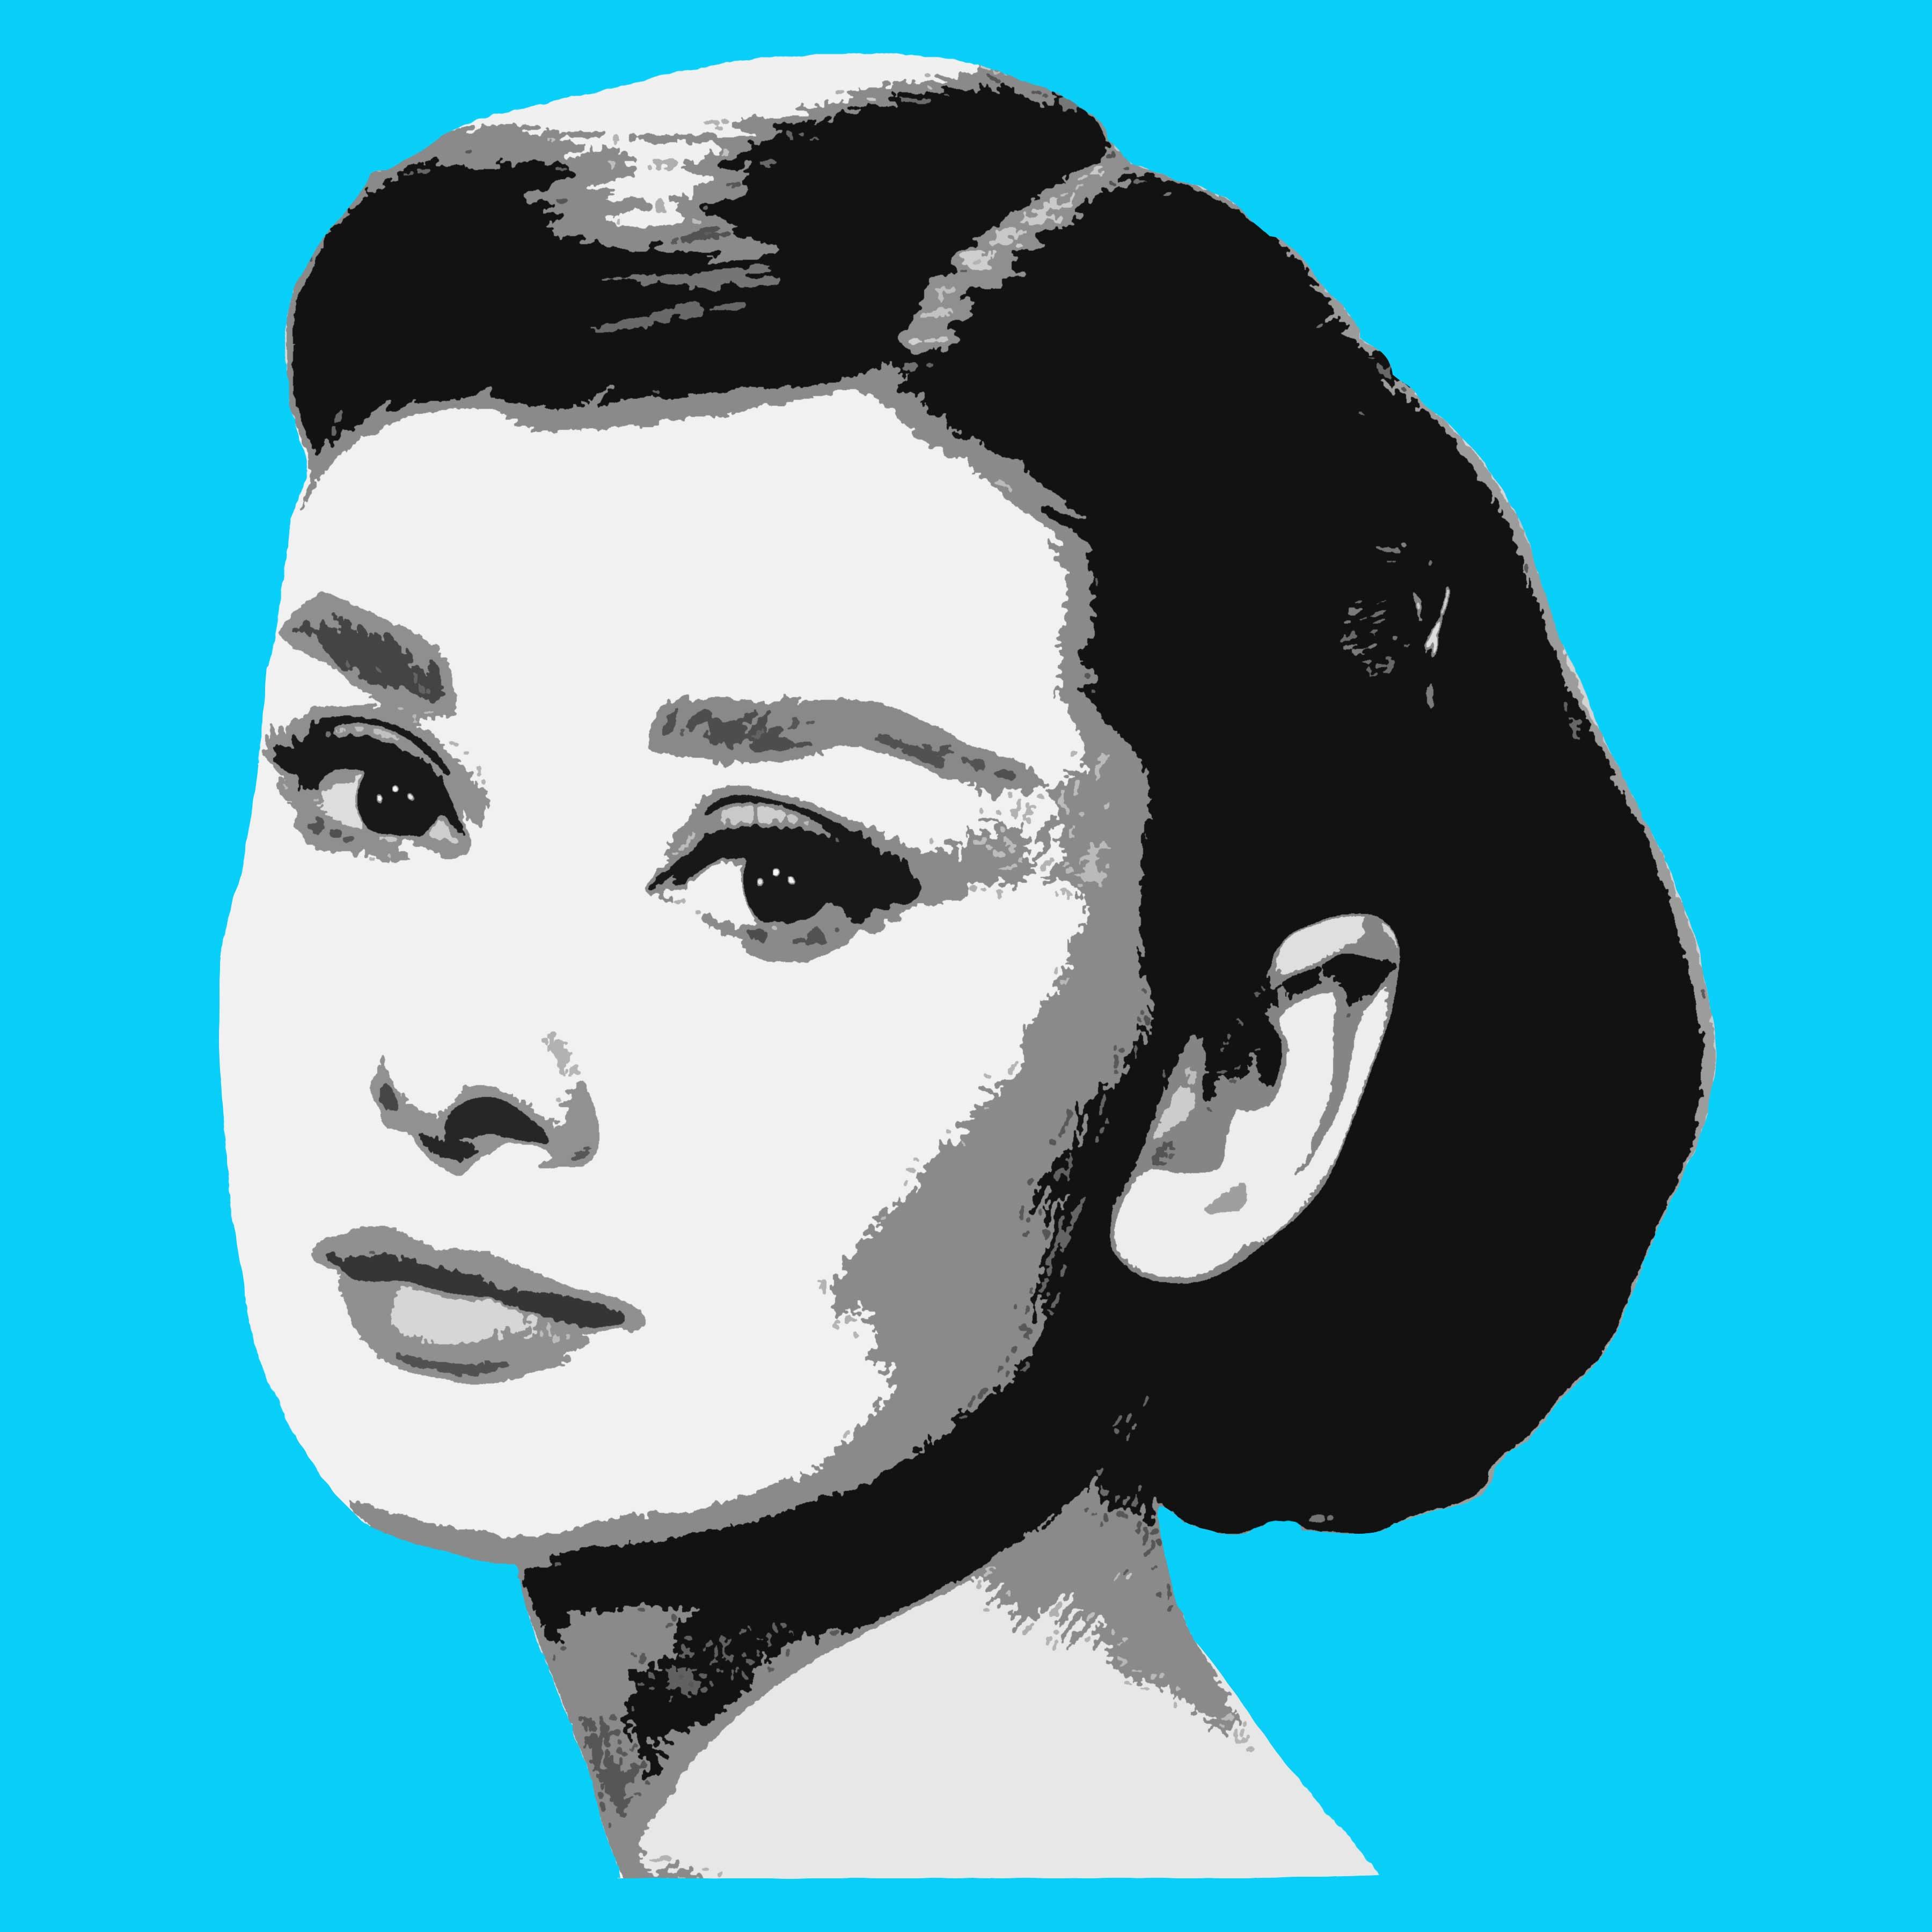 Audrey_Hepburn_Level2